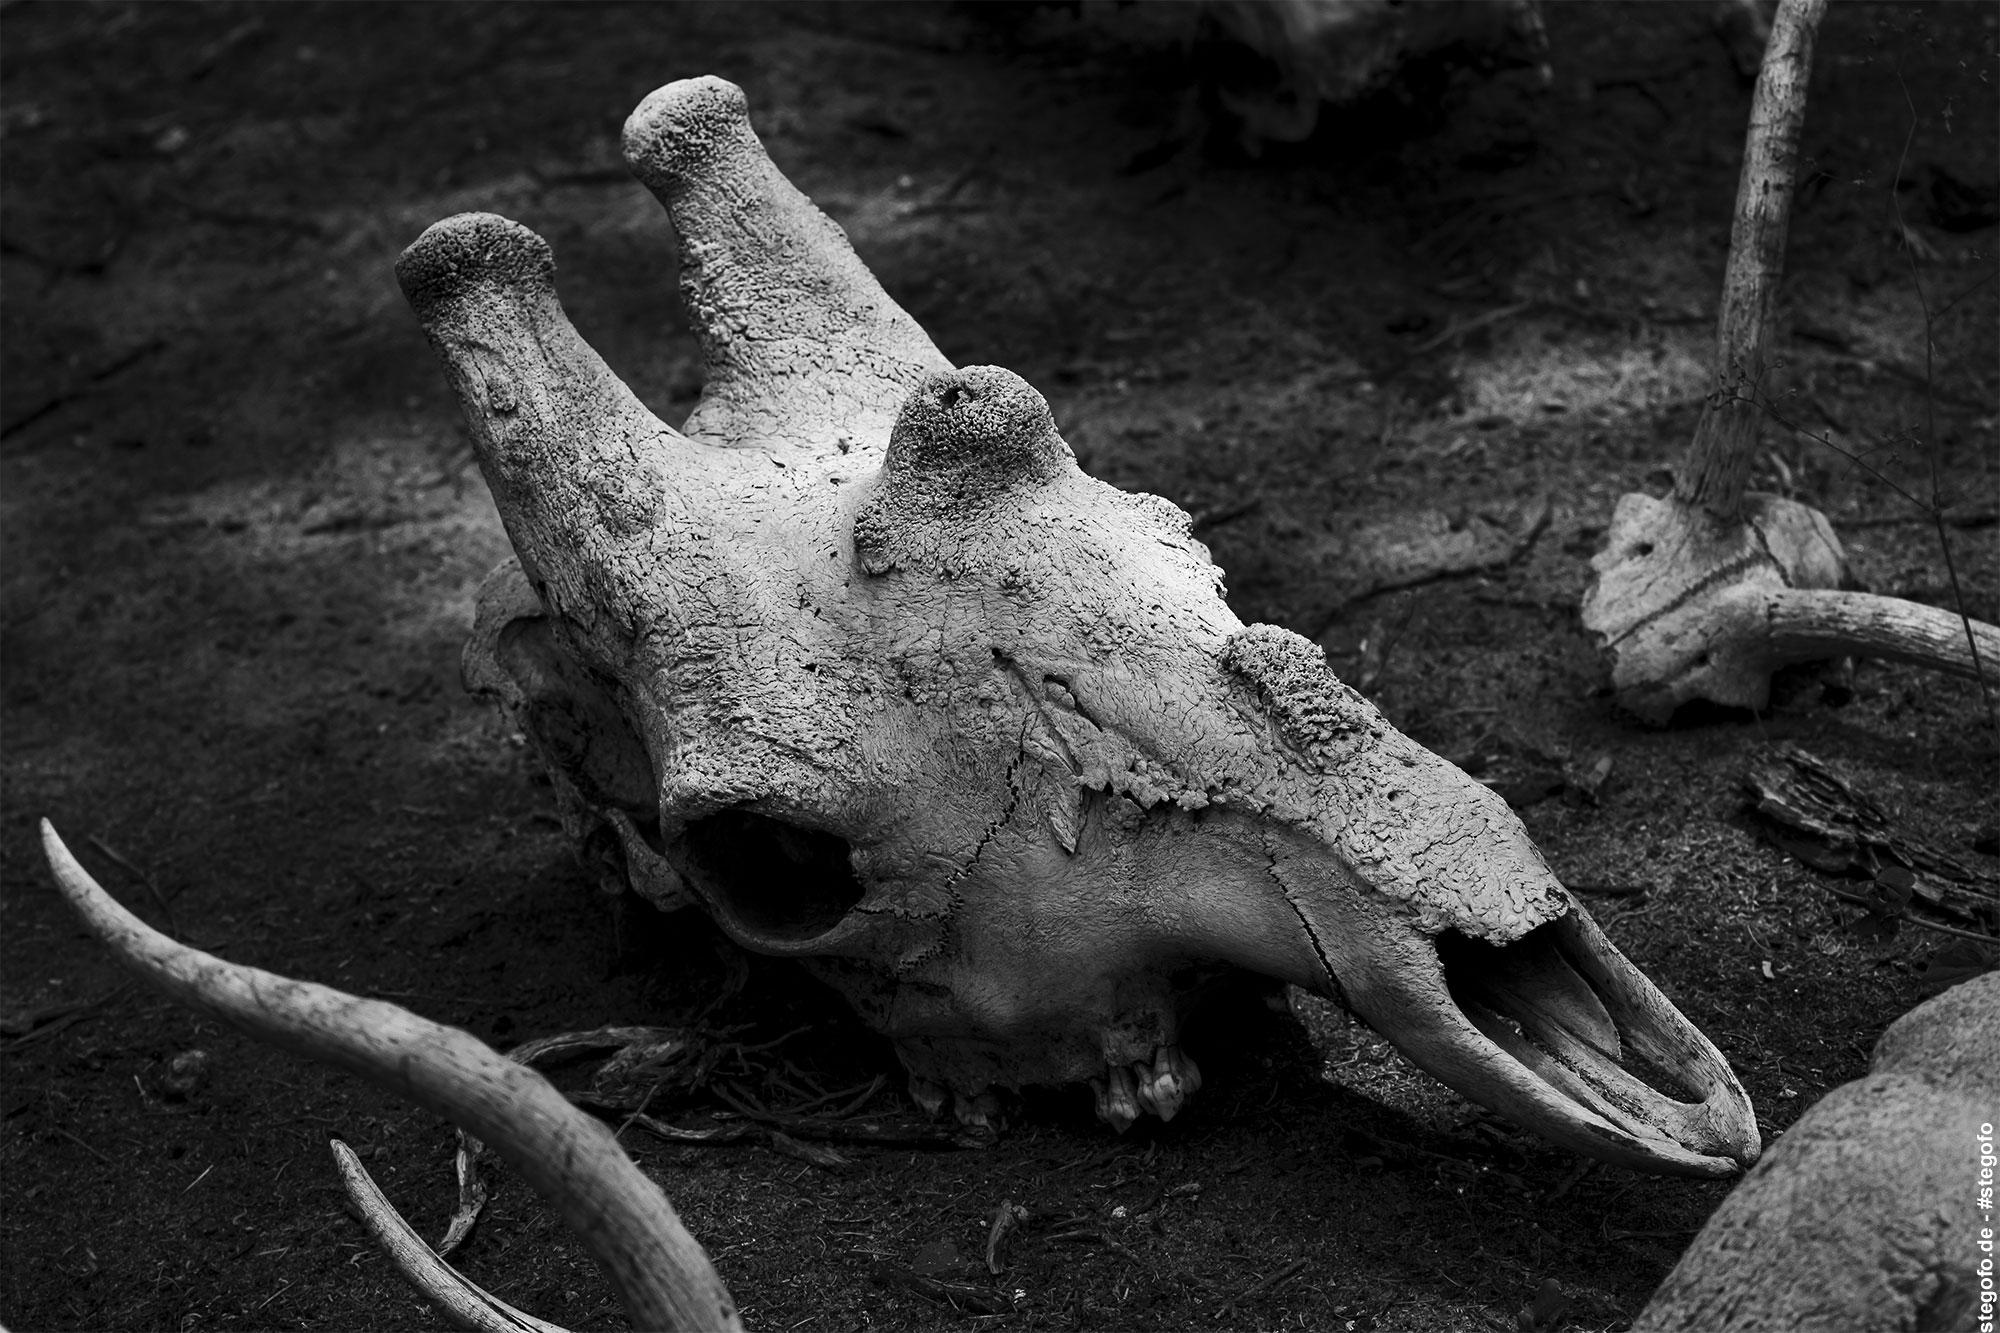 Der Giraffen Kopf